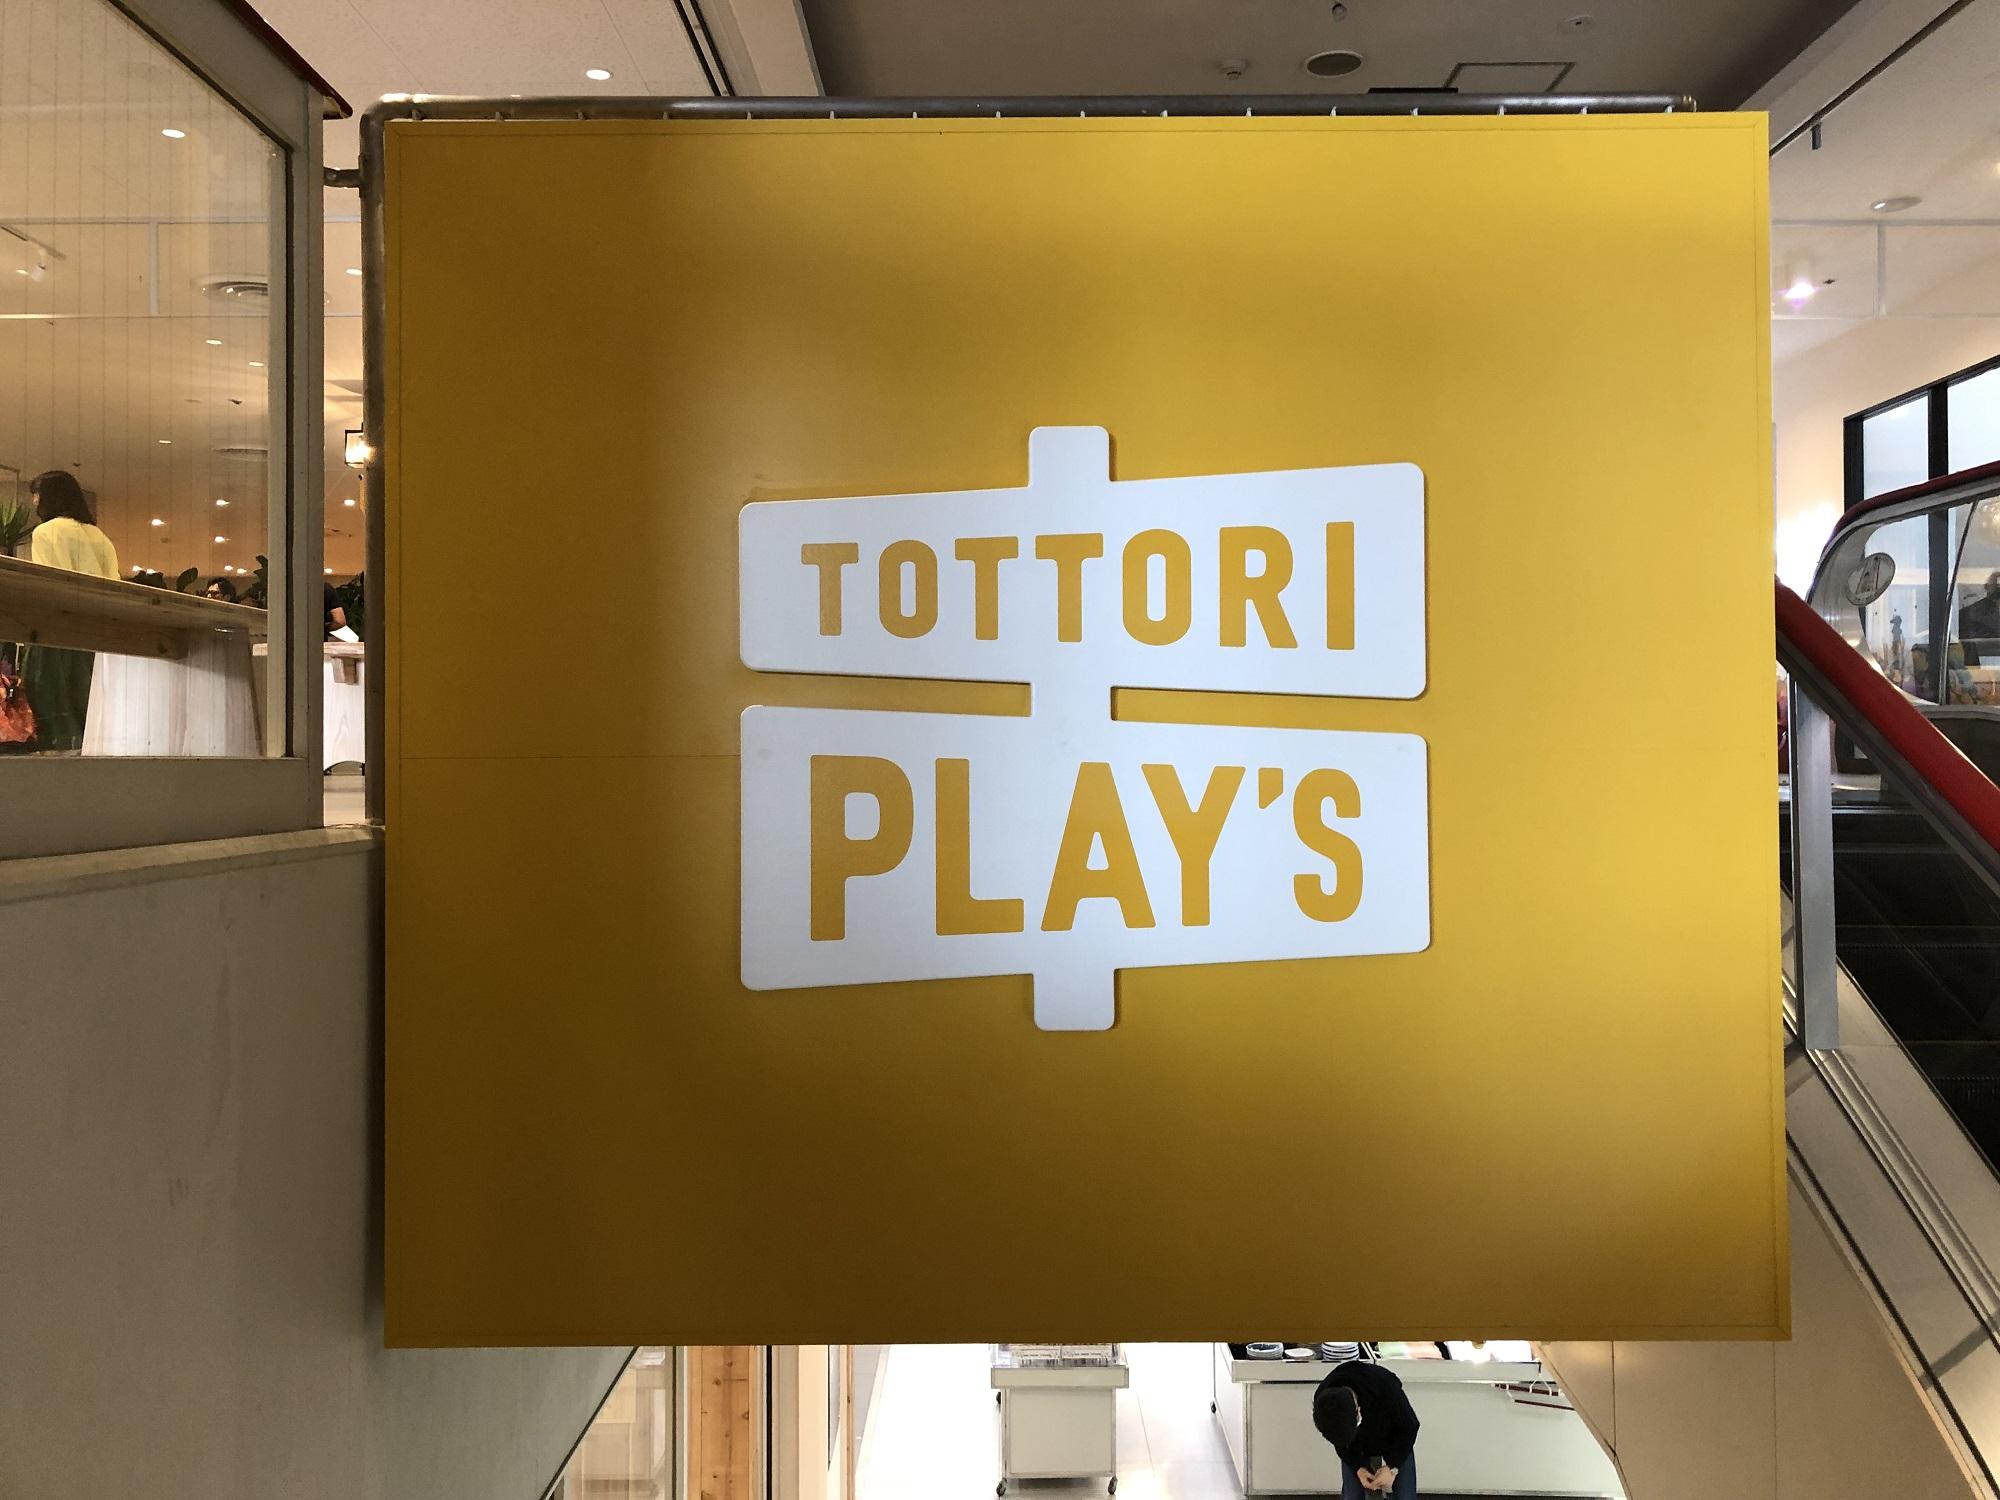 鳥取大丸5F・RF リニューアル 「TOTTORI PLAY'S(トットリプレイス)」